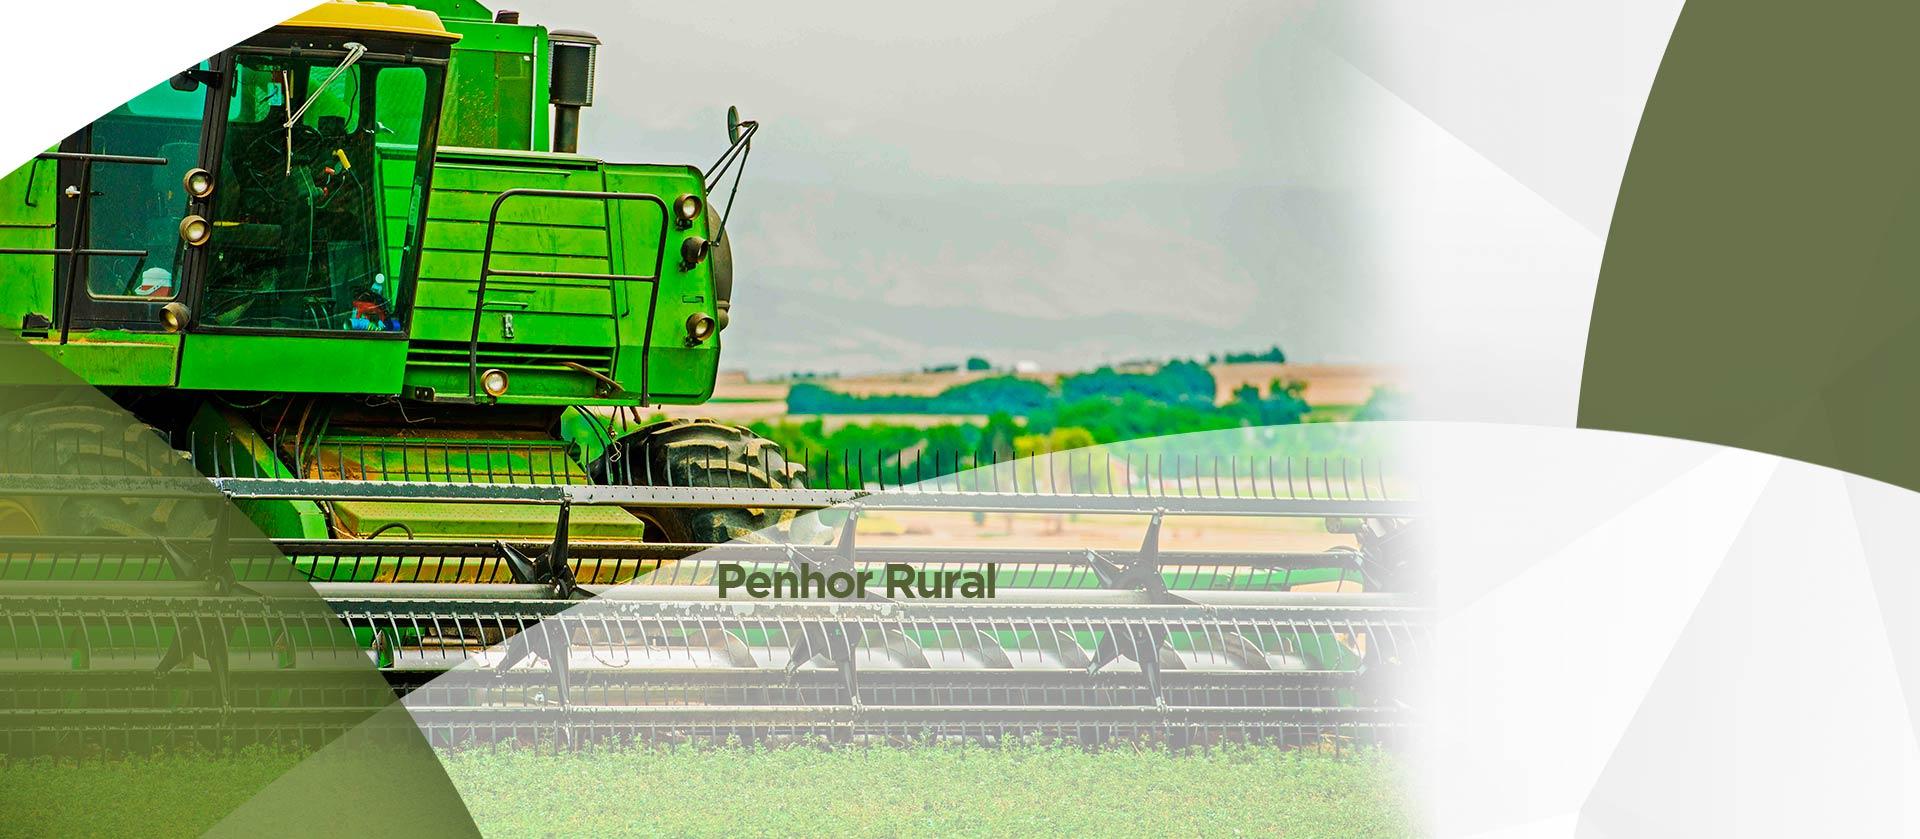 Page Penhor Rural